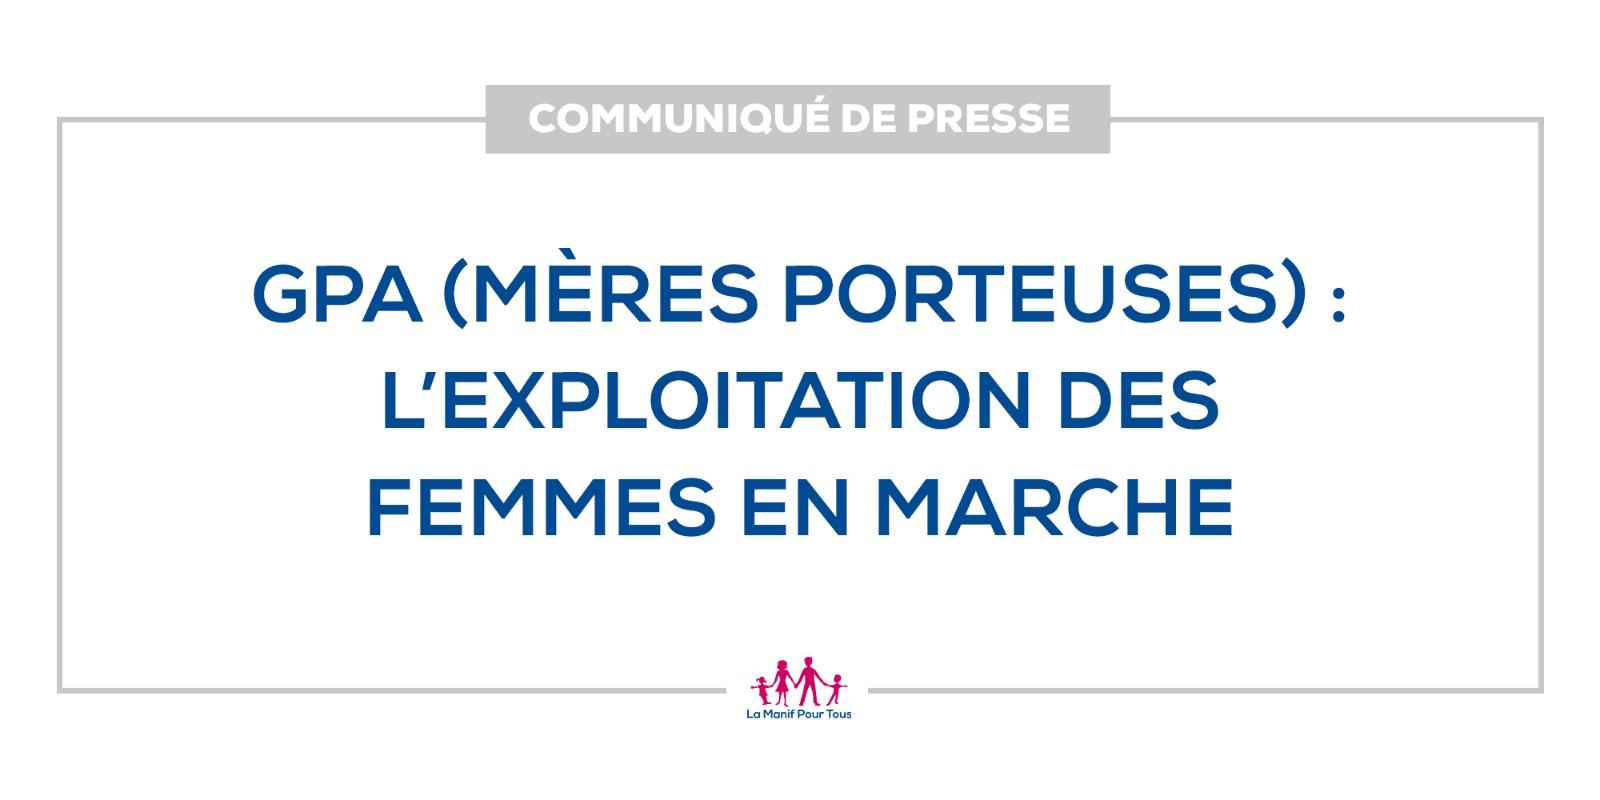 Image - Communiqué de presse : GPA (mères porteuses) : l'exploitation des femmes en marche